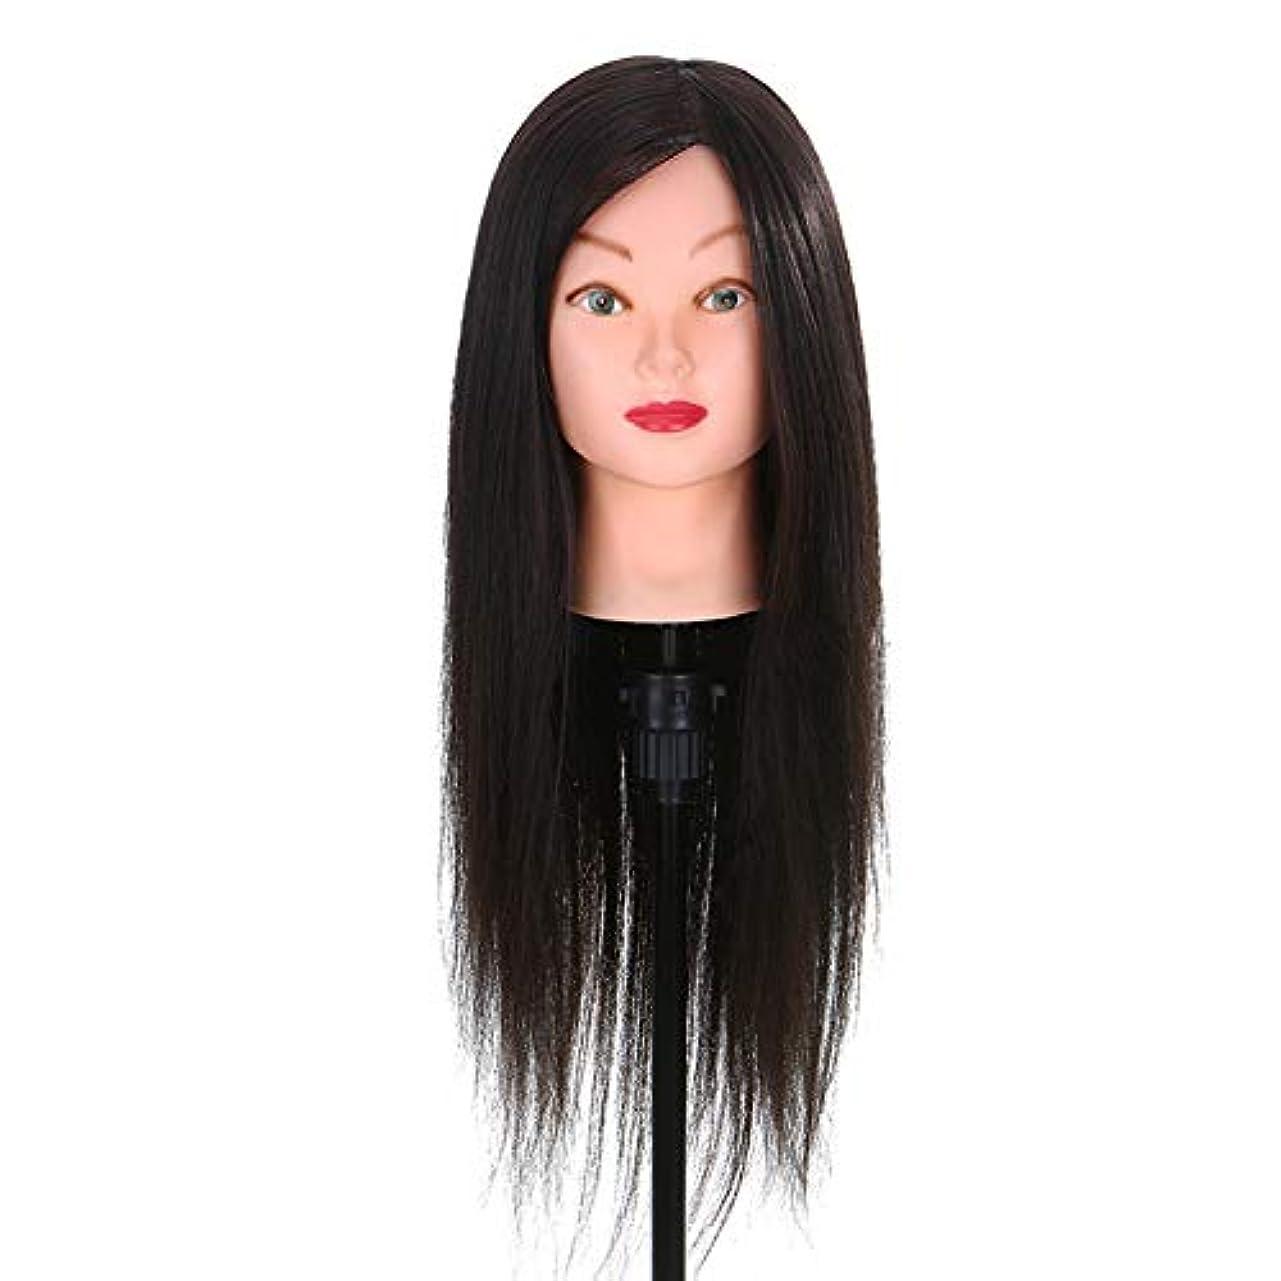 本気割合運営練習ディスク髪編組ヘアモデル理髪店スクールティーチングヘッドロングかつら美容マネキンヘッドブラケット